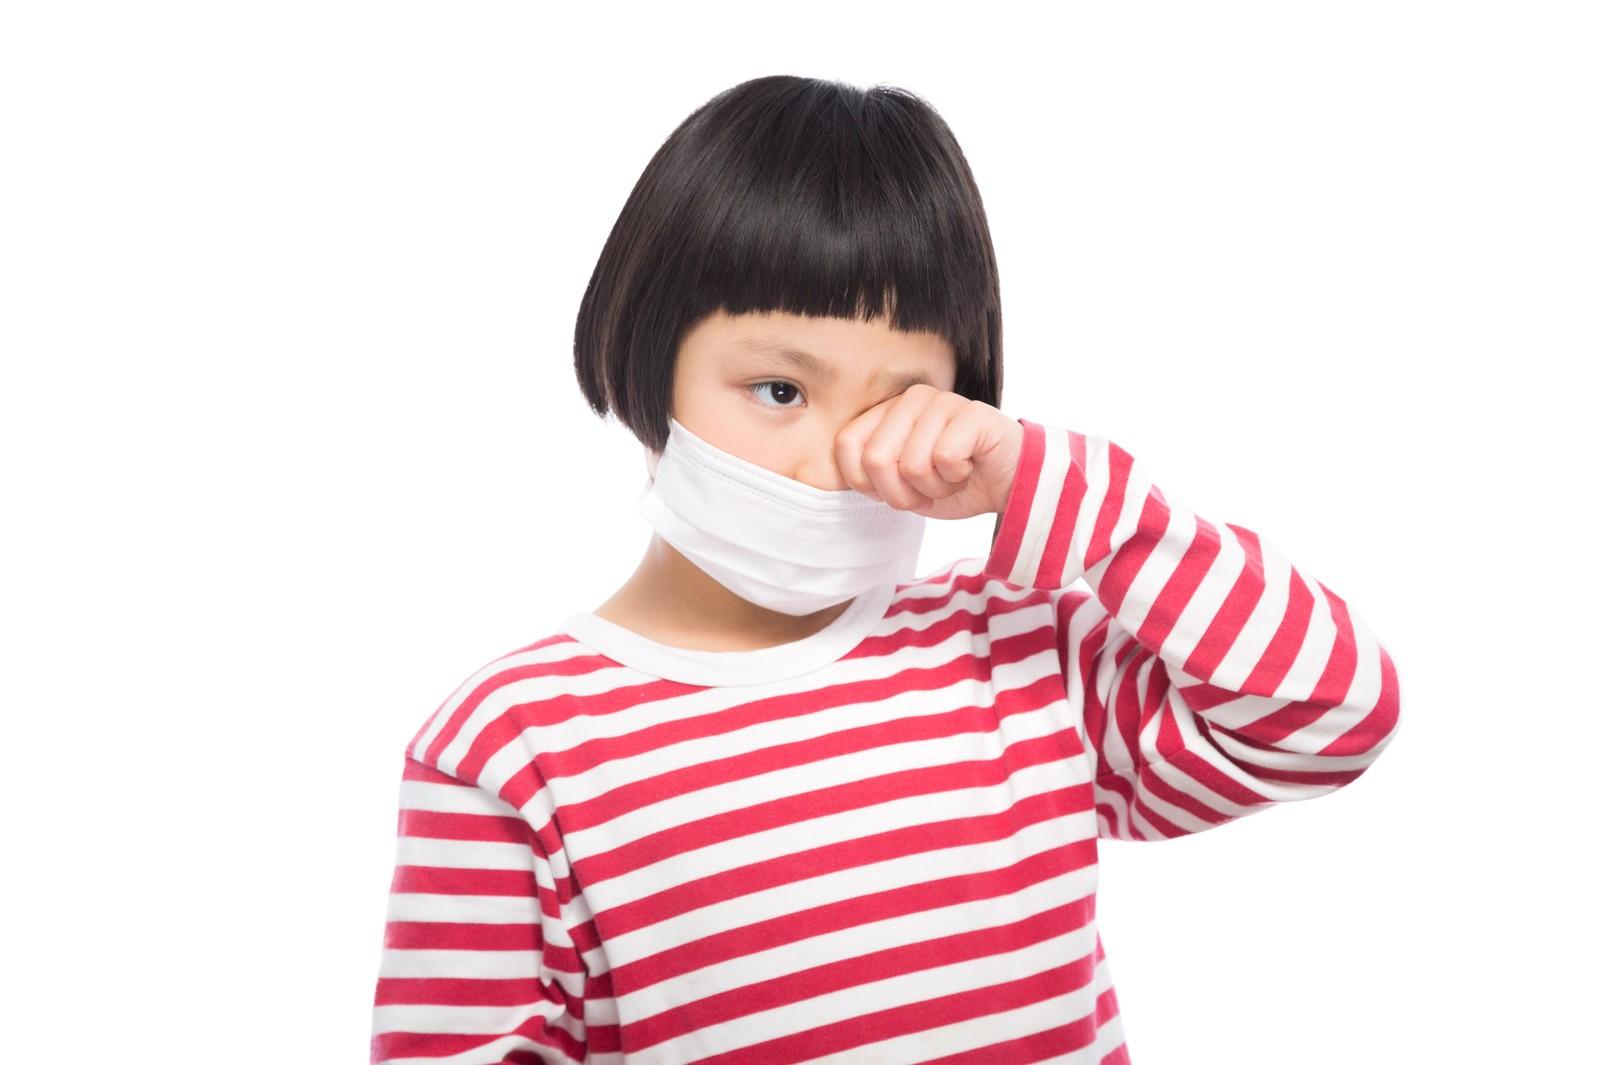 なぜヨーグルトが花粉症にいいと言われるのか?効果やレシピなども紹介!